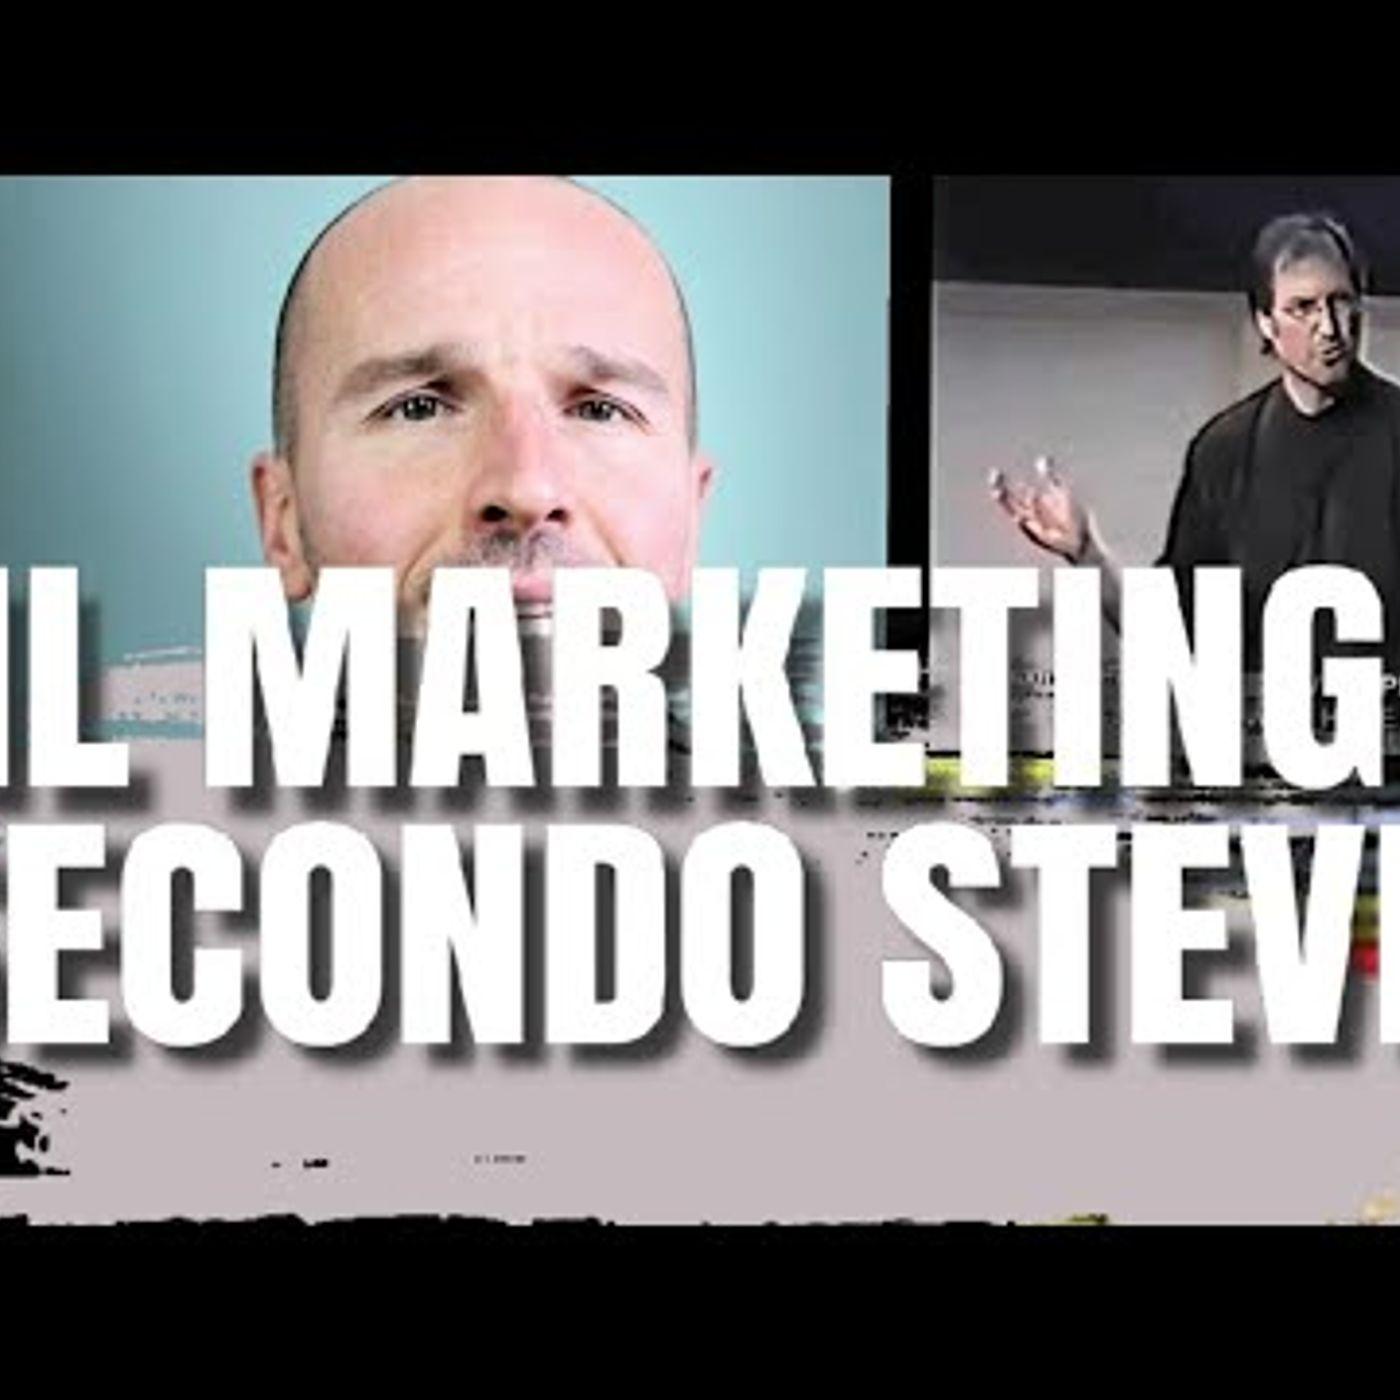 Il Marketing secondo Steve Jobs (in 2 minuti dice tutto quello che c'è da sapere)